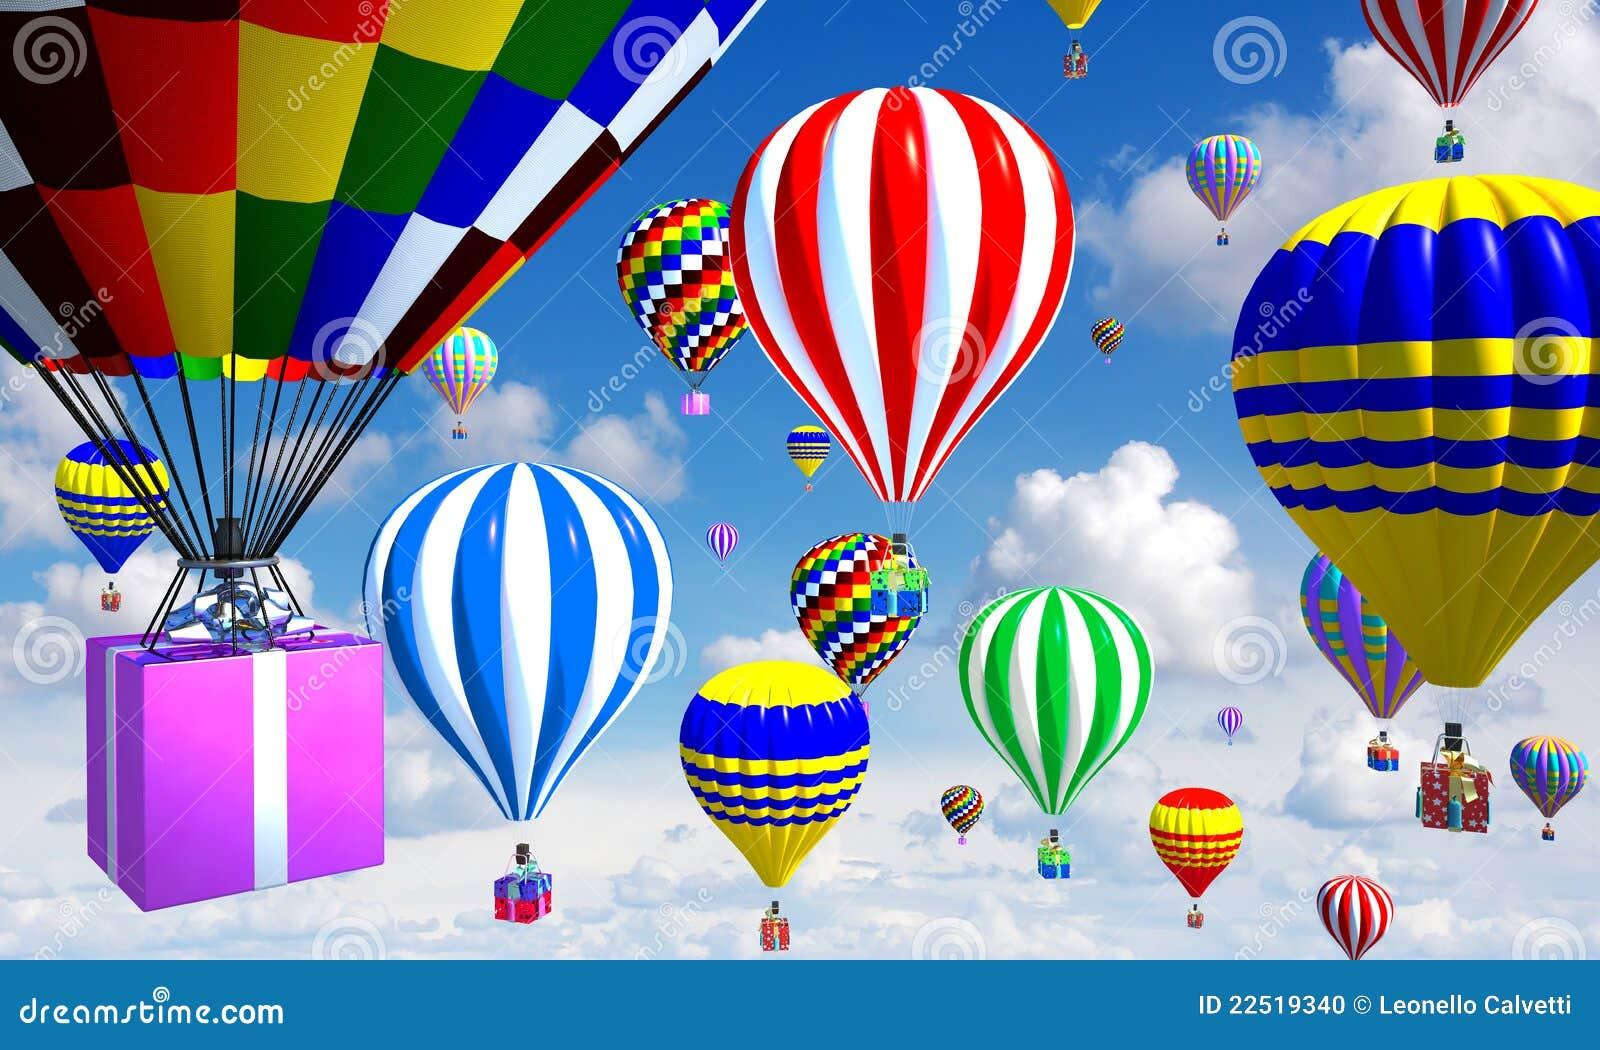 Palloni Ad Aria Calda.Aerostati Ad Aria Calda Nel Cielo Con Il Cestino Regali